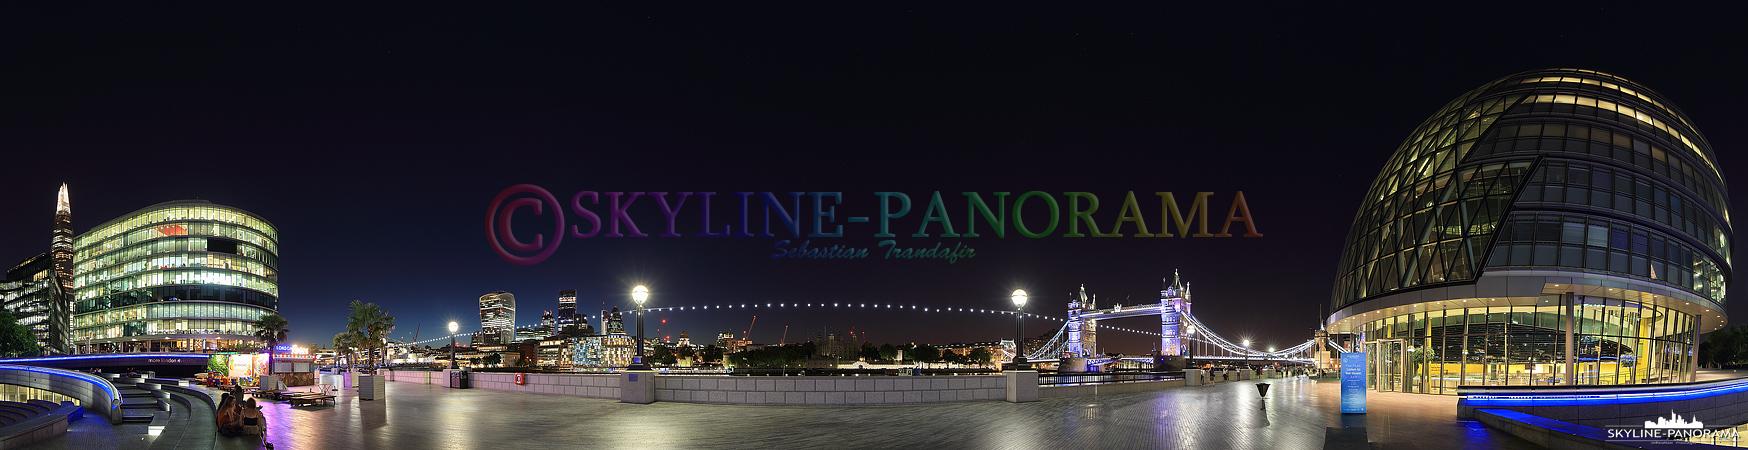 London City Hall - Panorama